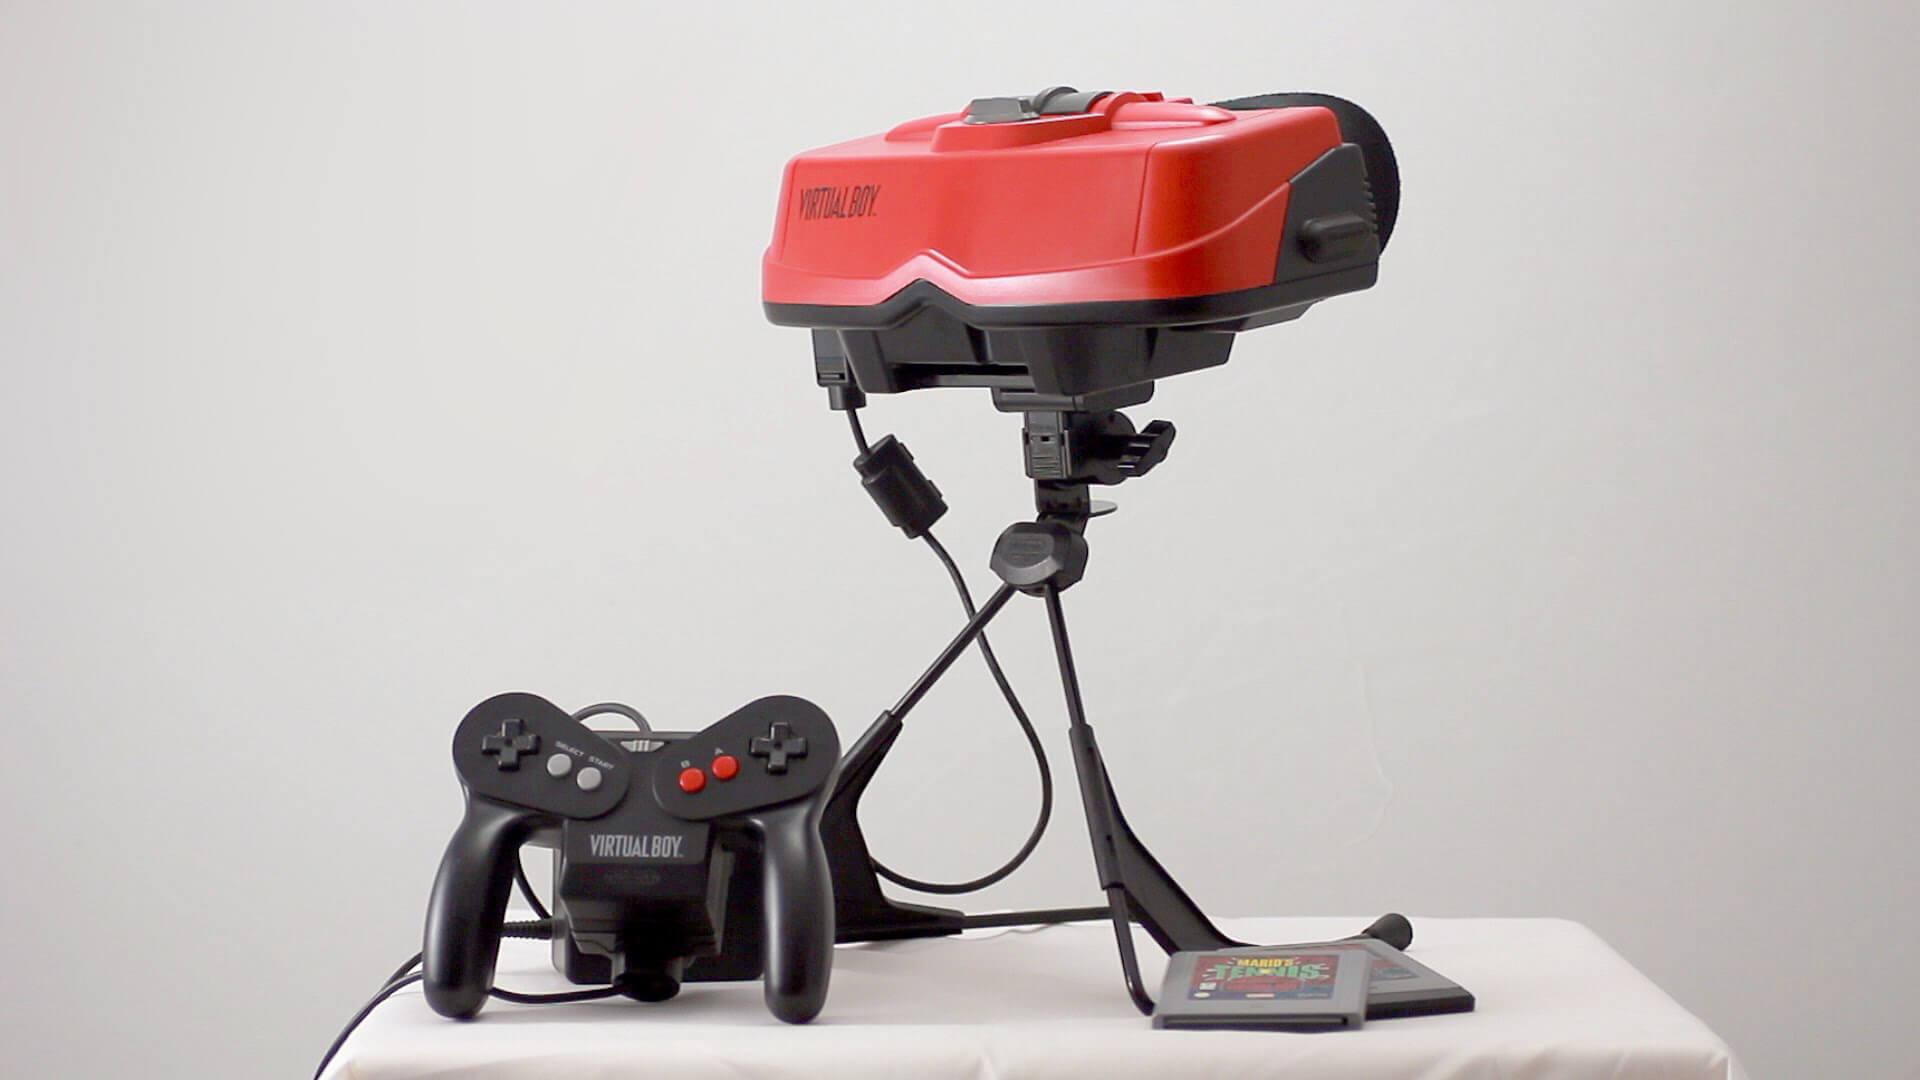 maxresdefault 4 - Retrô Review: Virtual Boy e a antecipação da realidade virtual